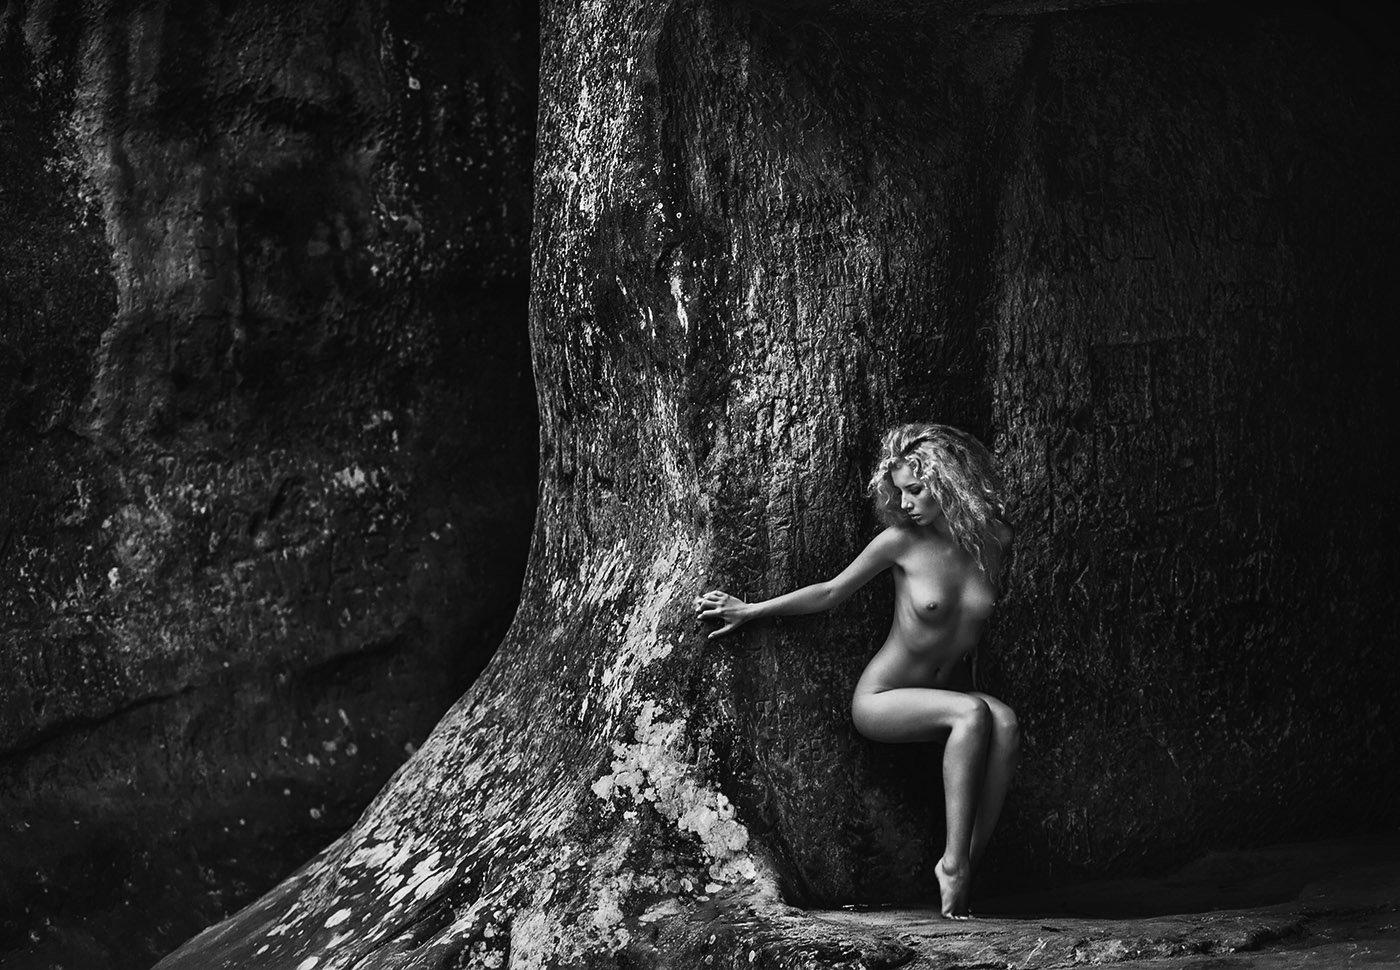 эротика,ню,фототур,карпаты,скалы,аркадий курта, Аркадий Курта